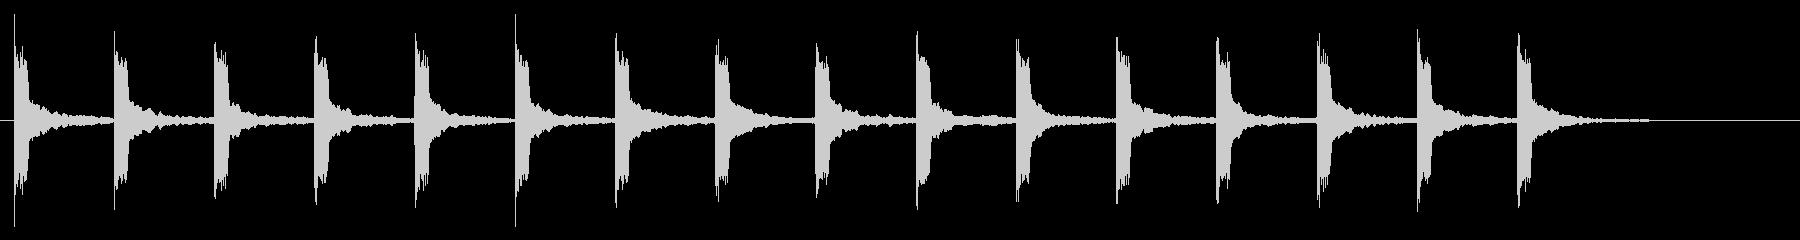 近未来時計カウント音2の未再生の波形